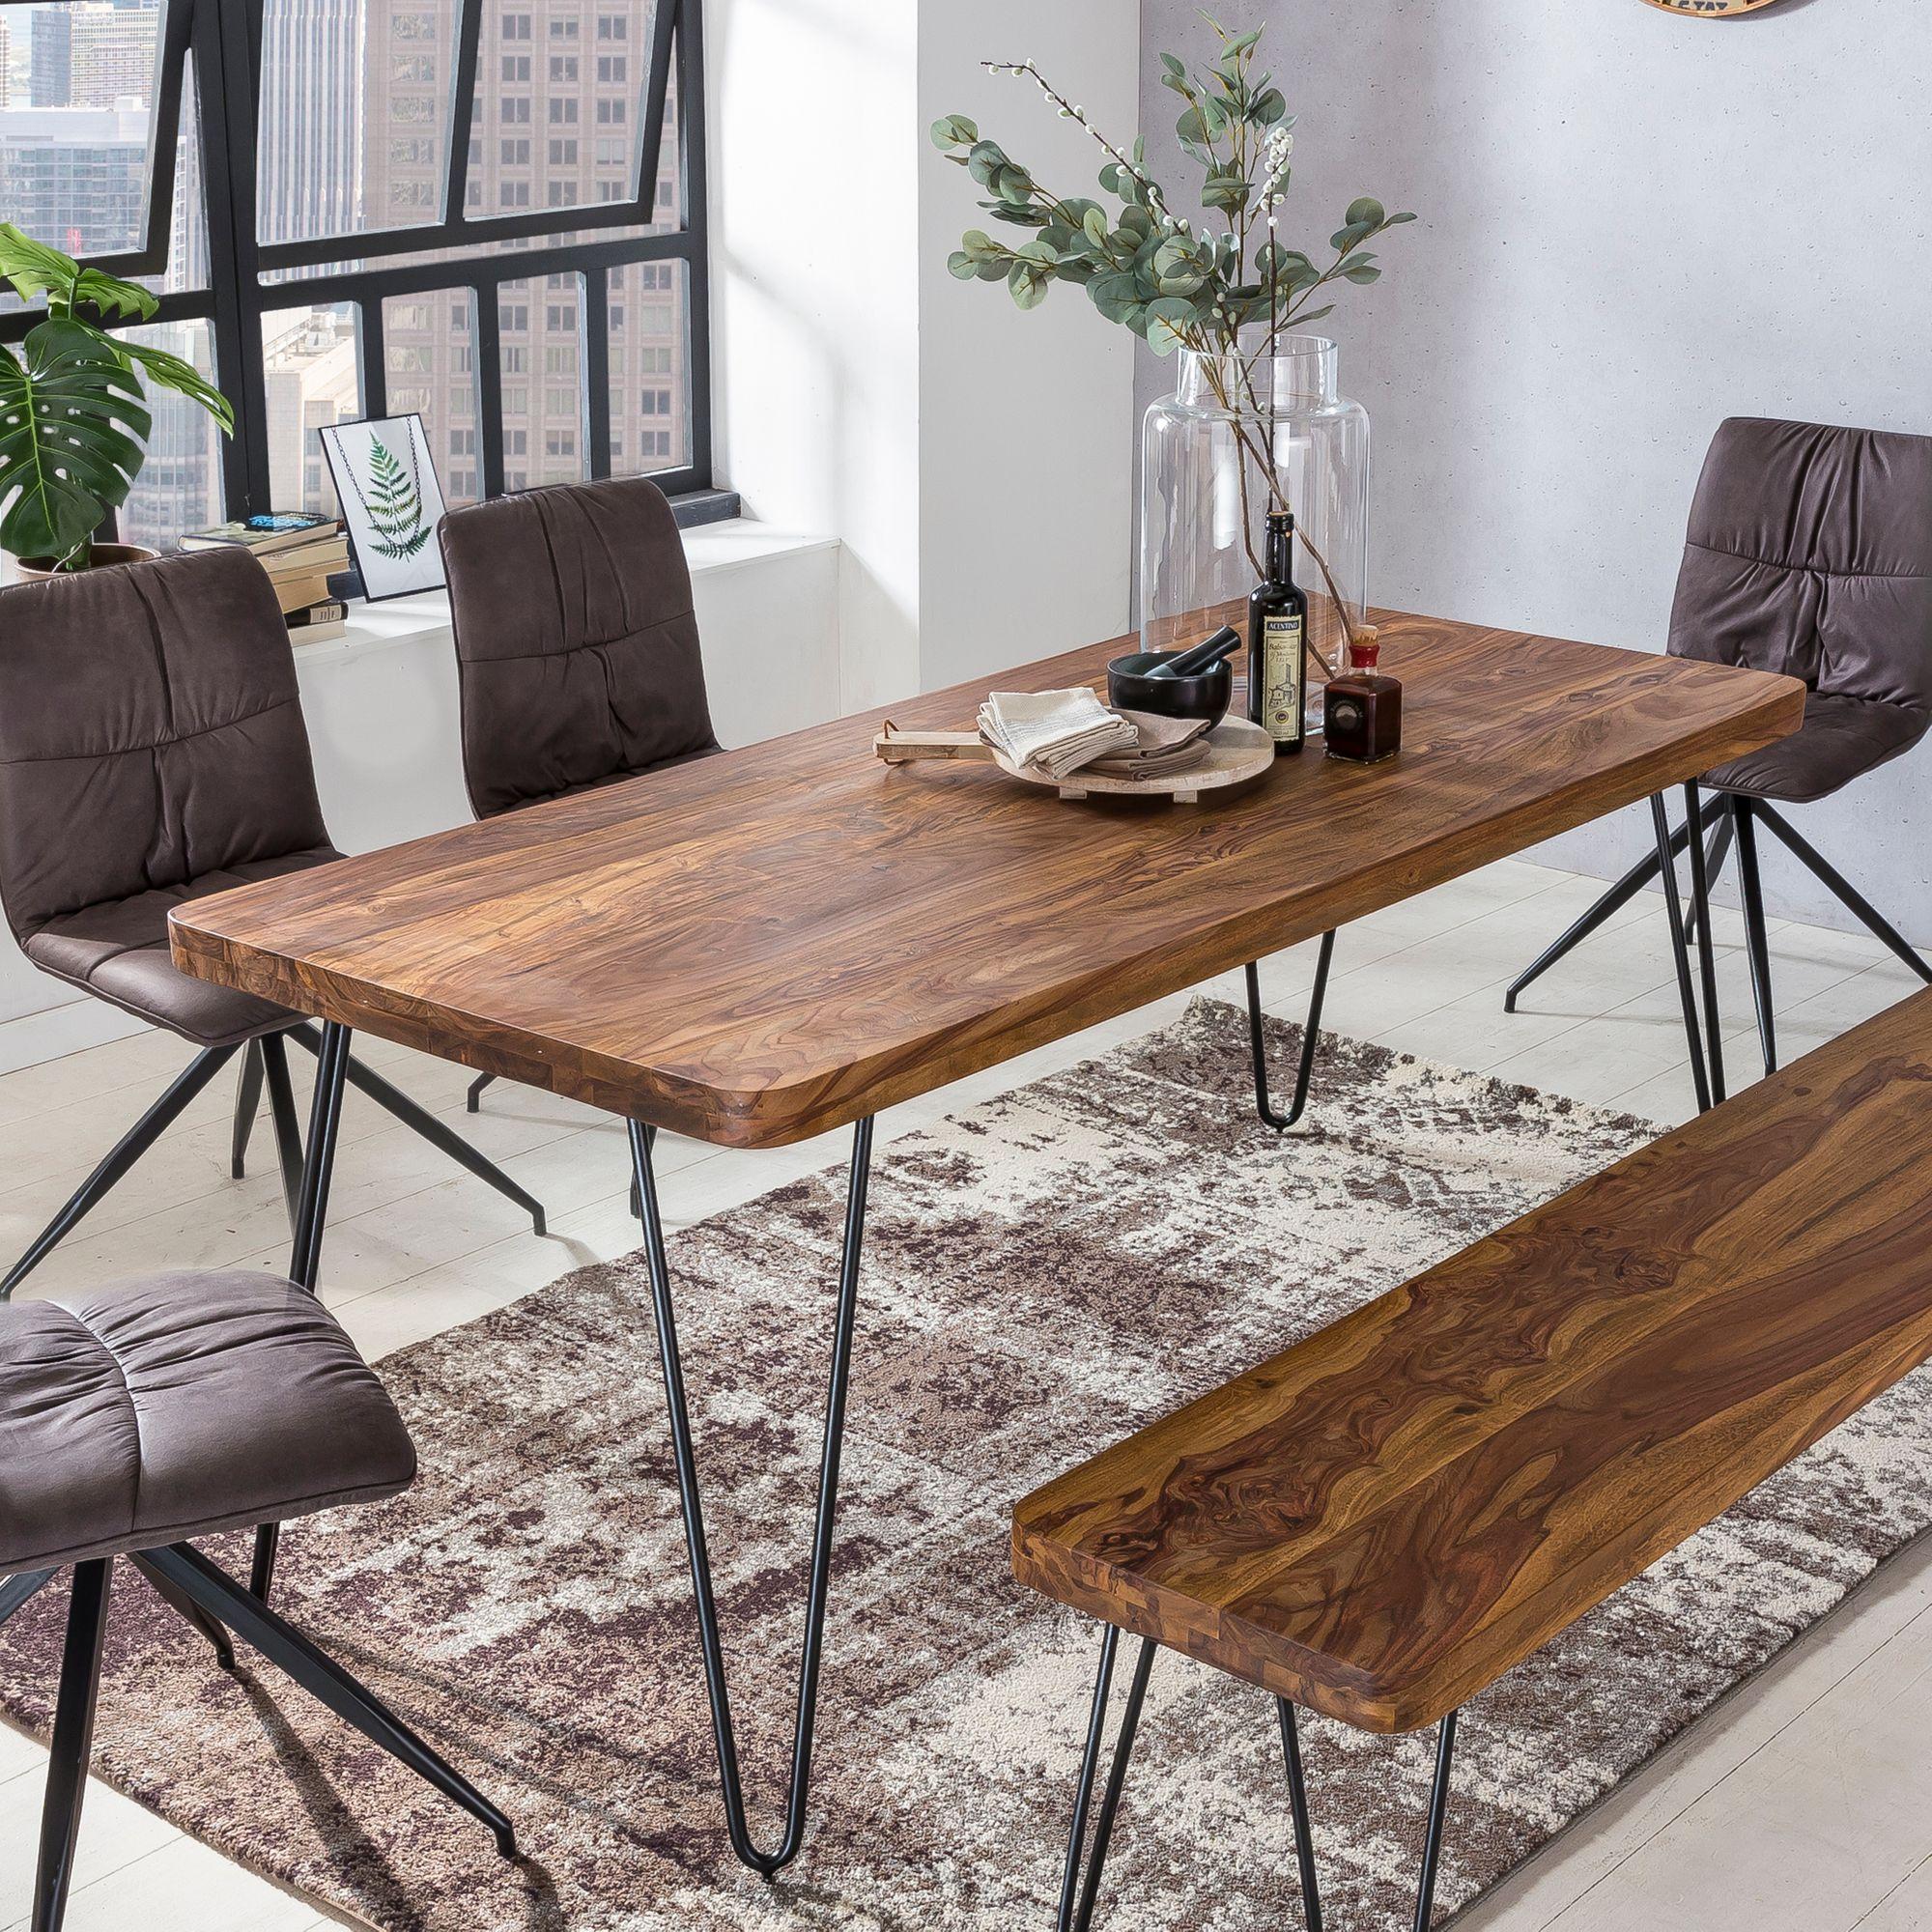 Wohnling Esstisch Bagli Massivholz Sheesham 180 Cm Esszimmer Tisch Holztisch Metallbeine Kuchentisch Landhaus Dunkel Braun